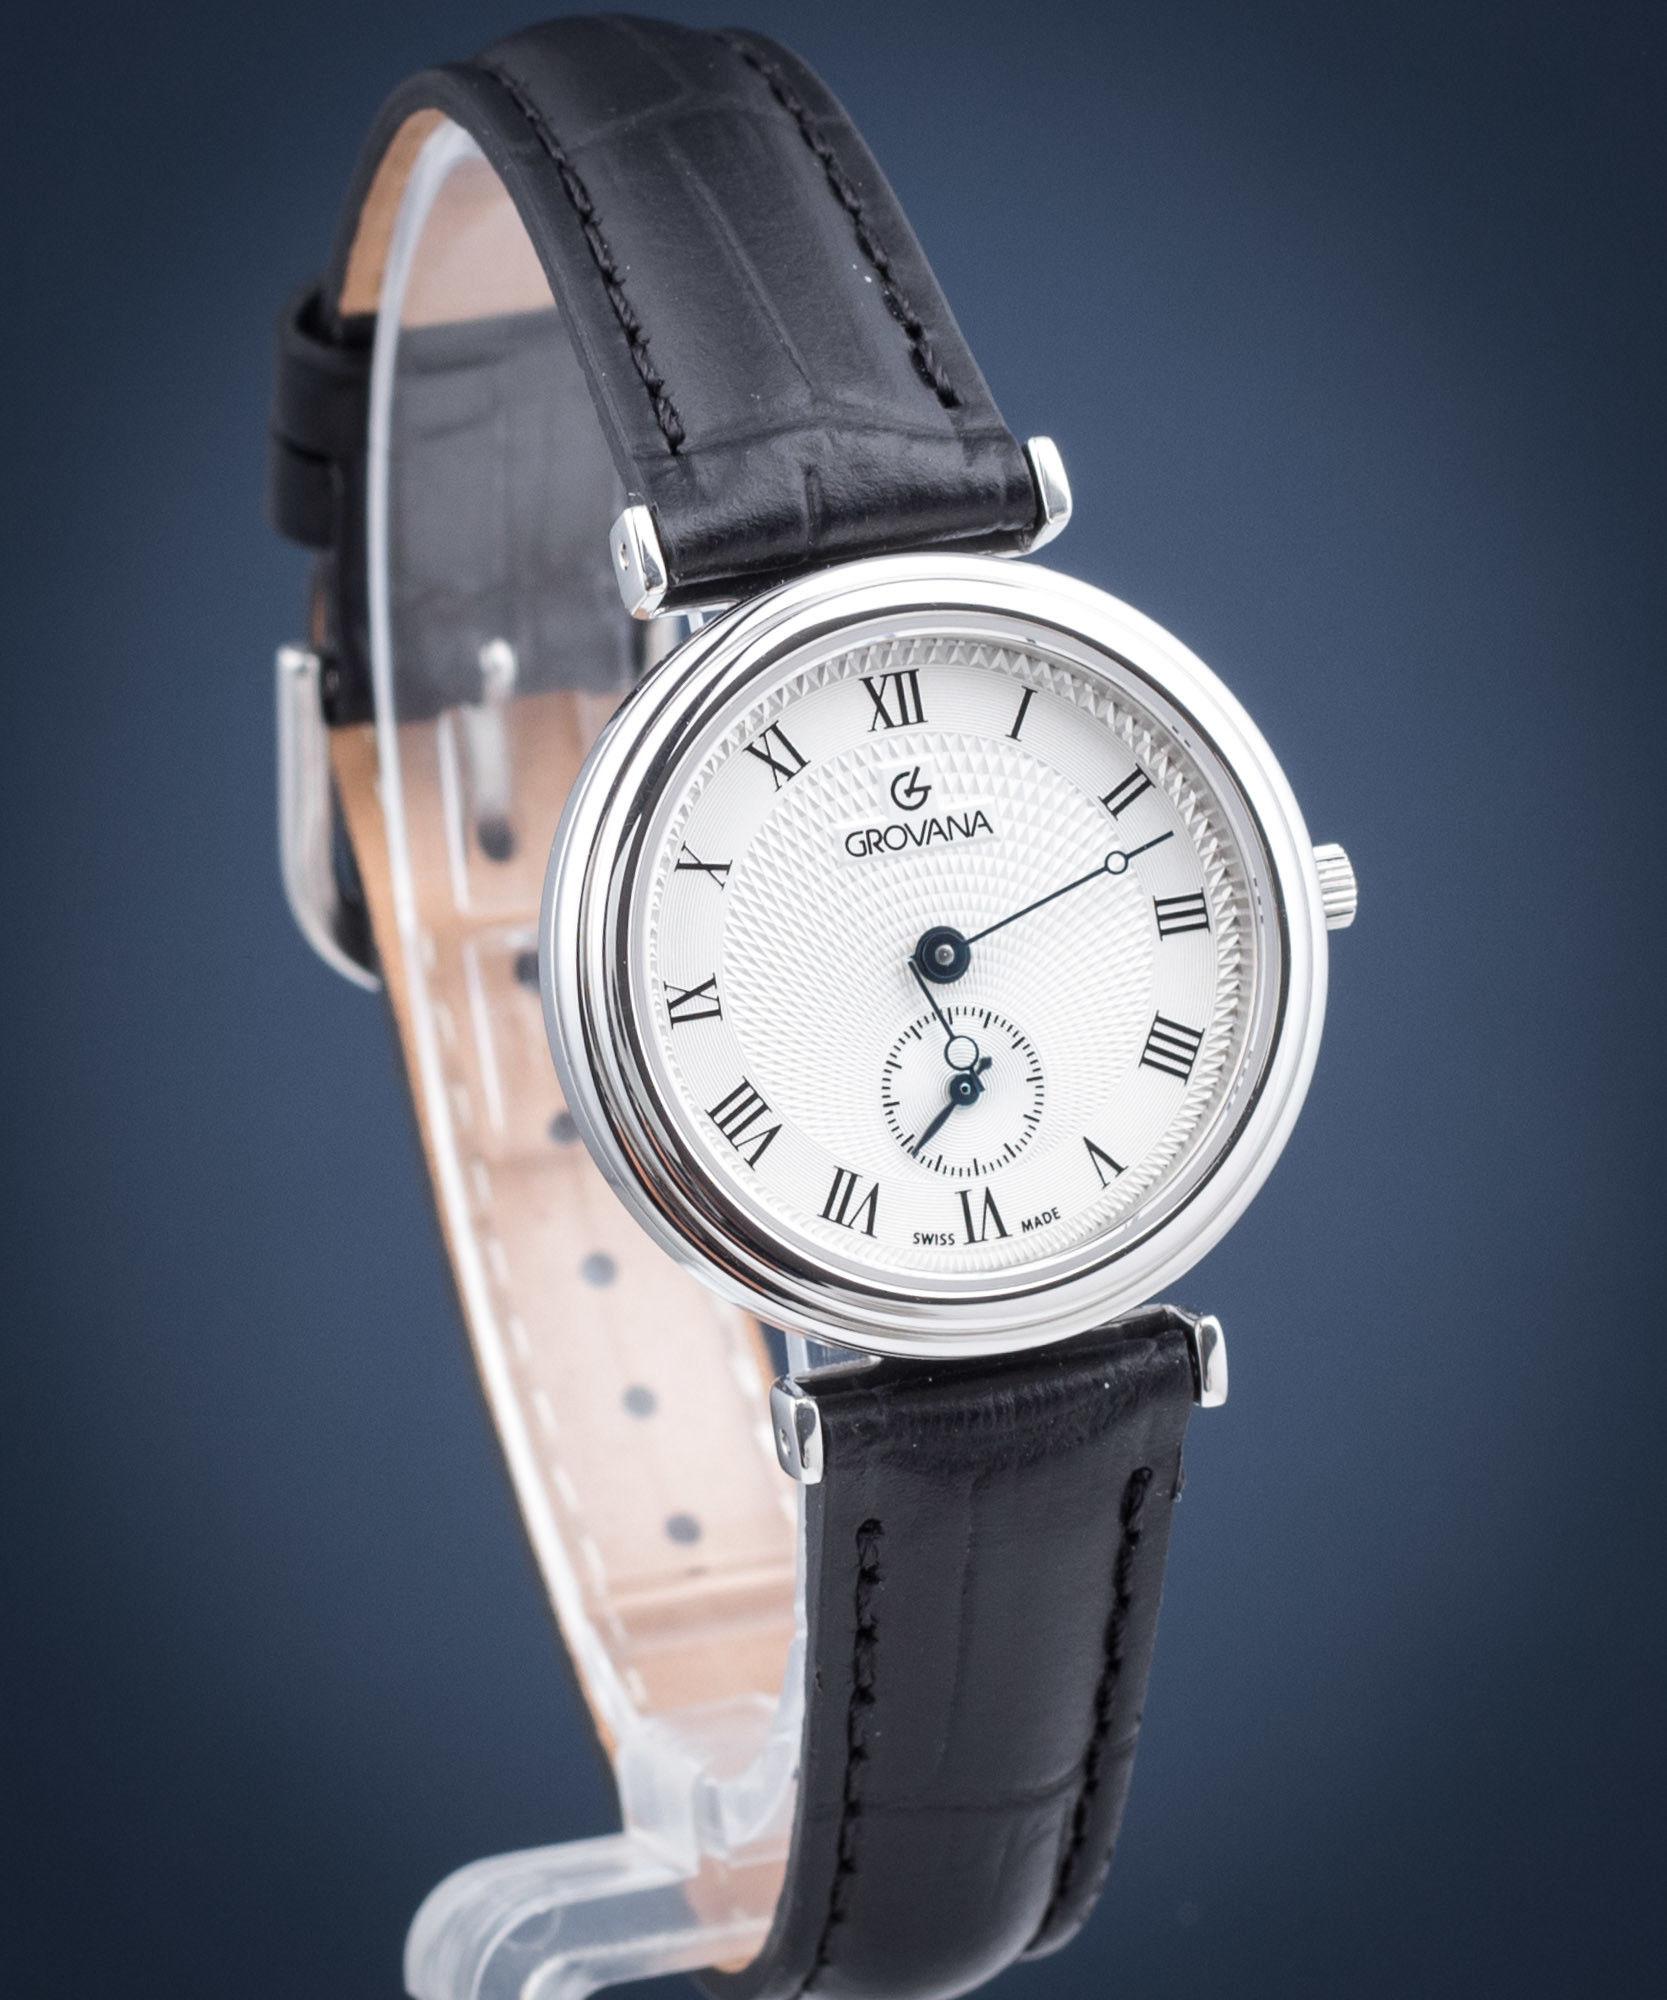 Zegarek Grovana 3276.1538 - CENA DO NEGOCJACJI - DOSTAWA DHL GRATIS, KUPUJ BEZ RYZYKA - 100 dni na zwrot, możliwość wygrawerowania dowolnego tekstu.